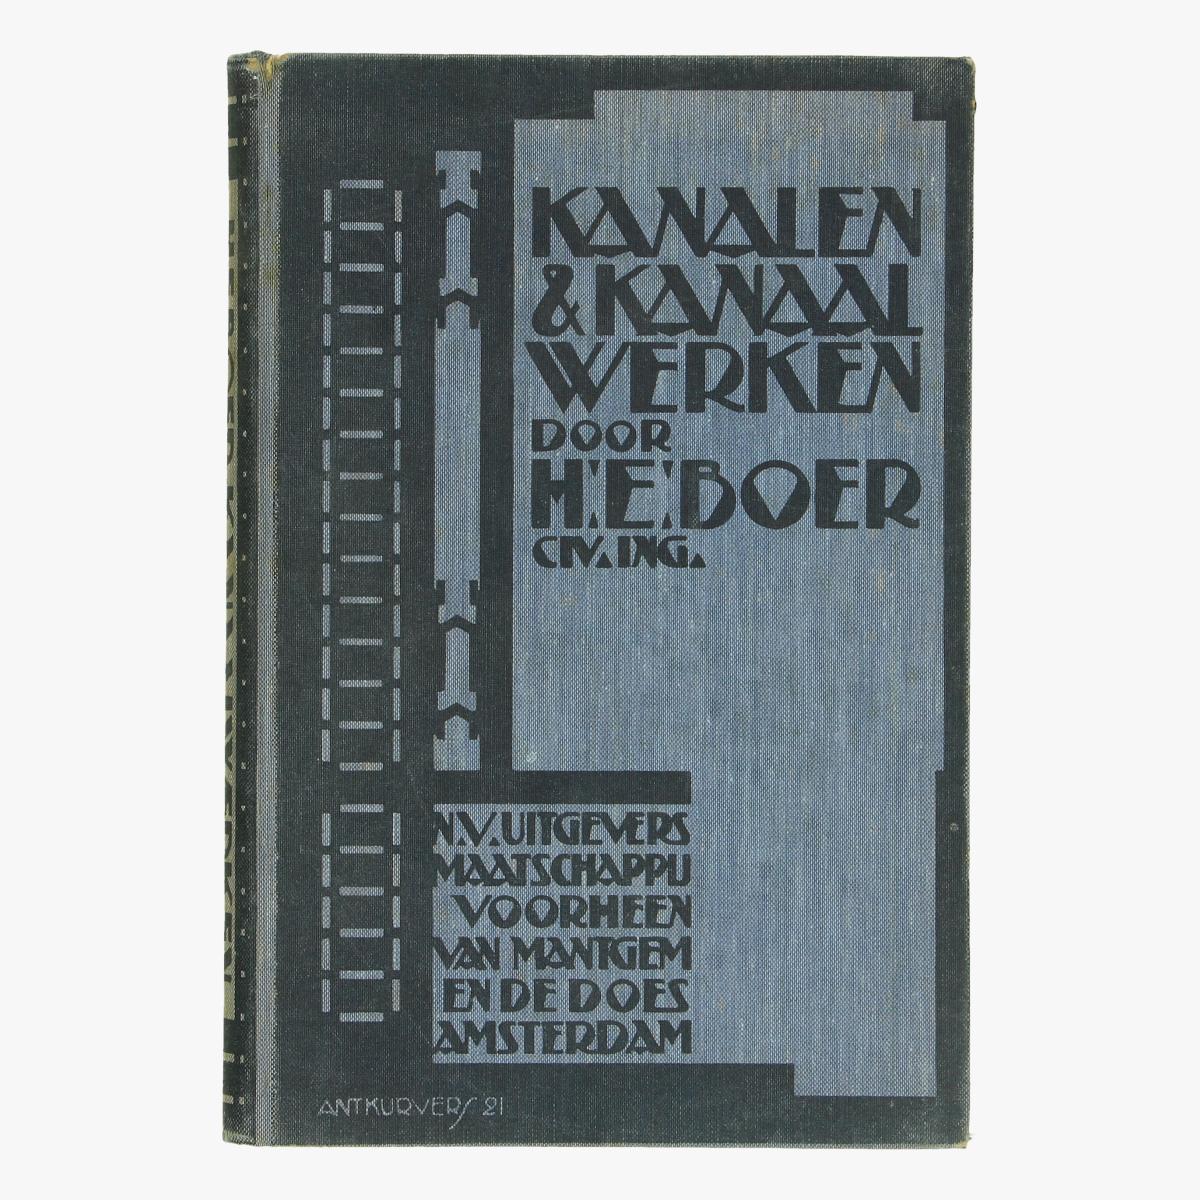 Afbeeldingen van boek kanalen & kanaal werken polders